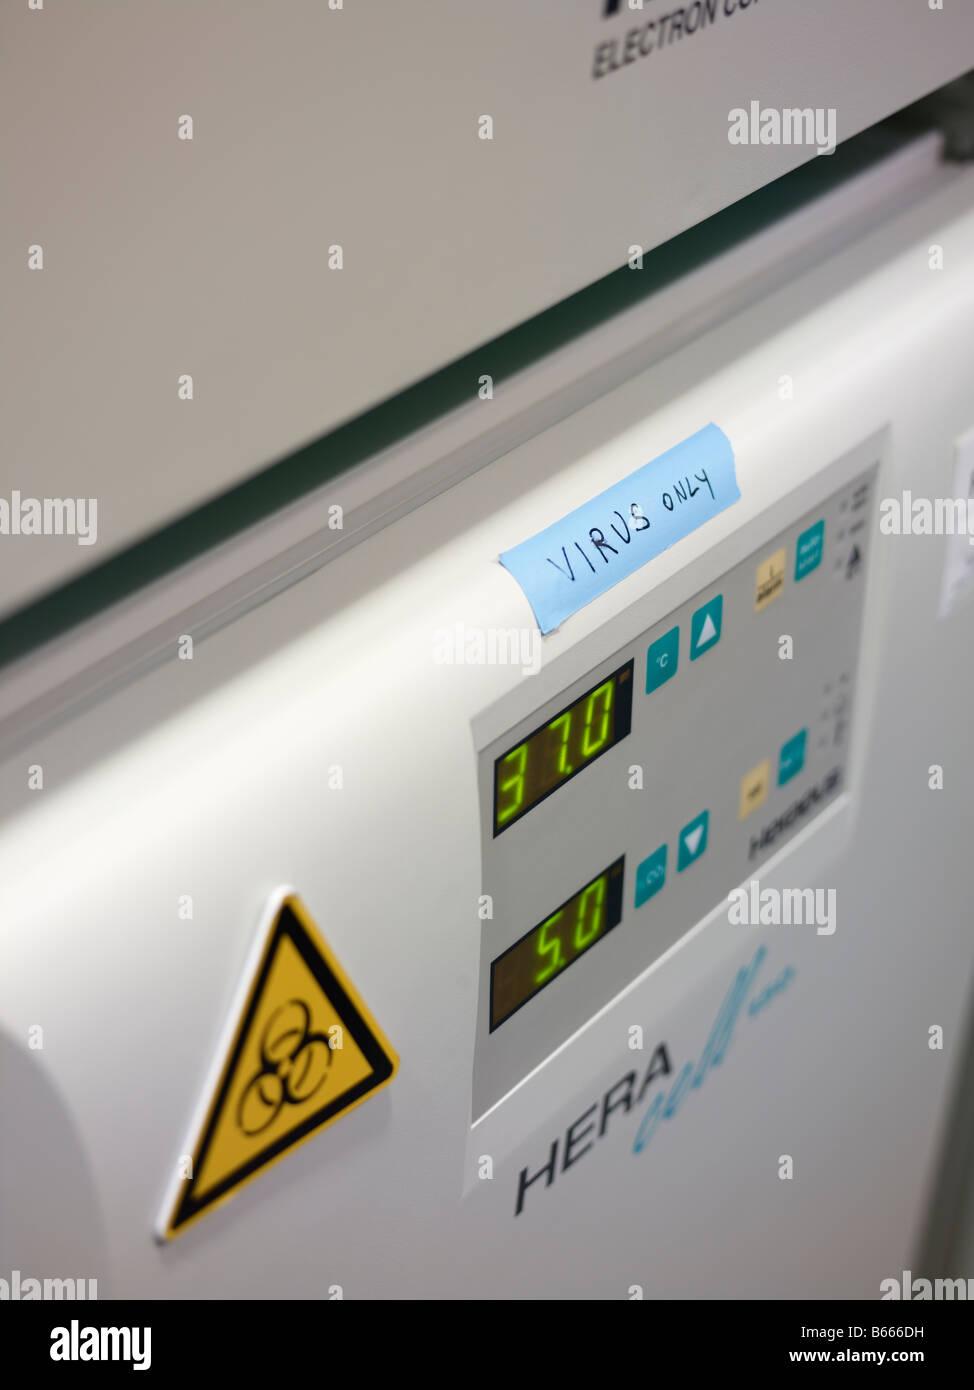 Inkubator in einem Labor mit Biohazard und Virus nur lable Stockbild